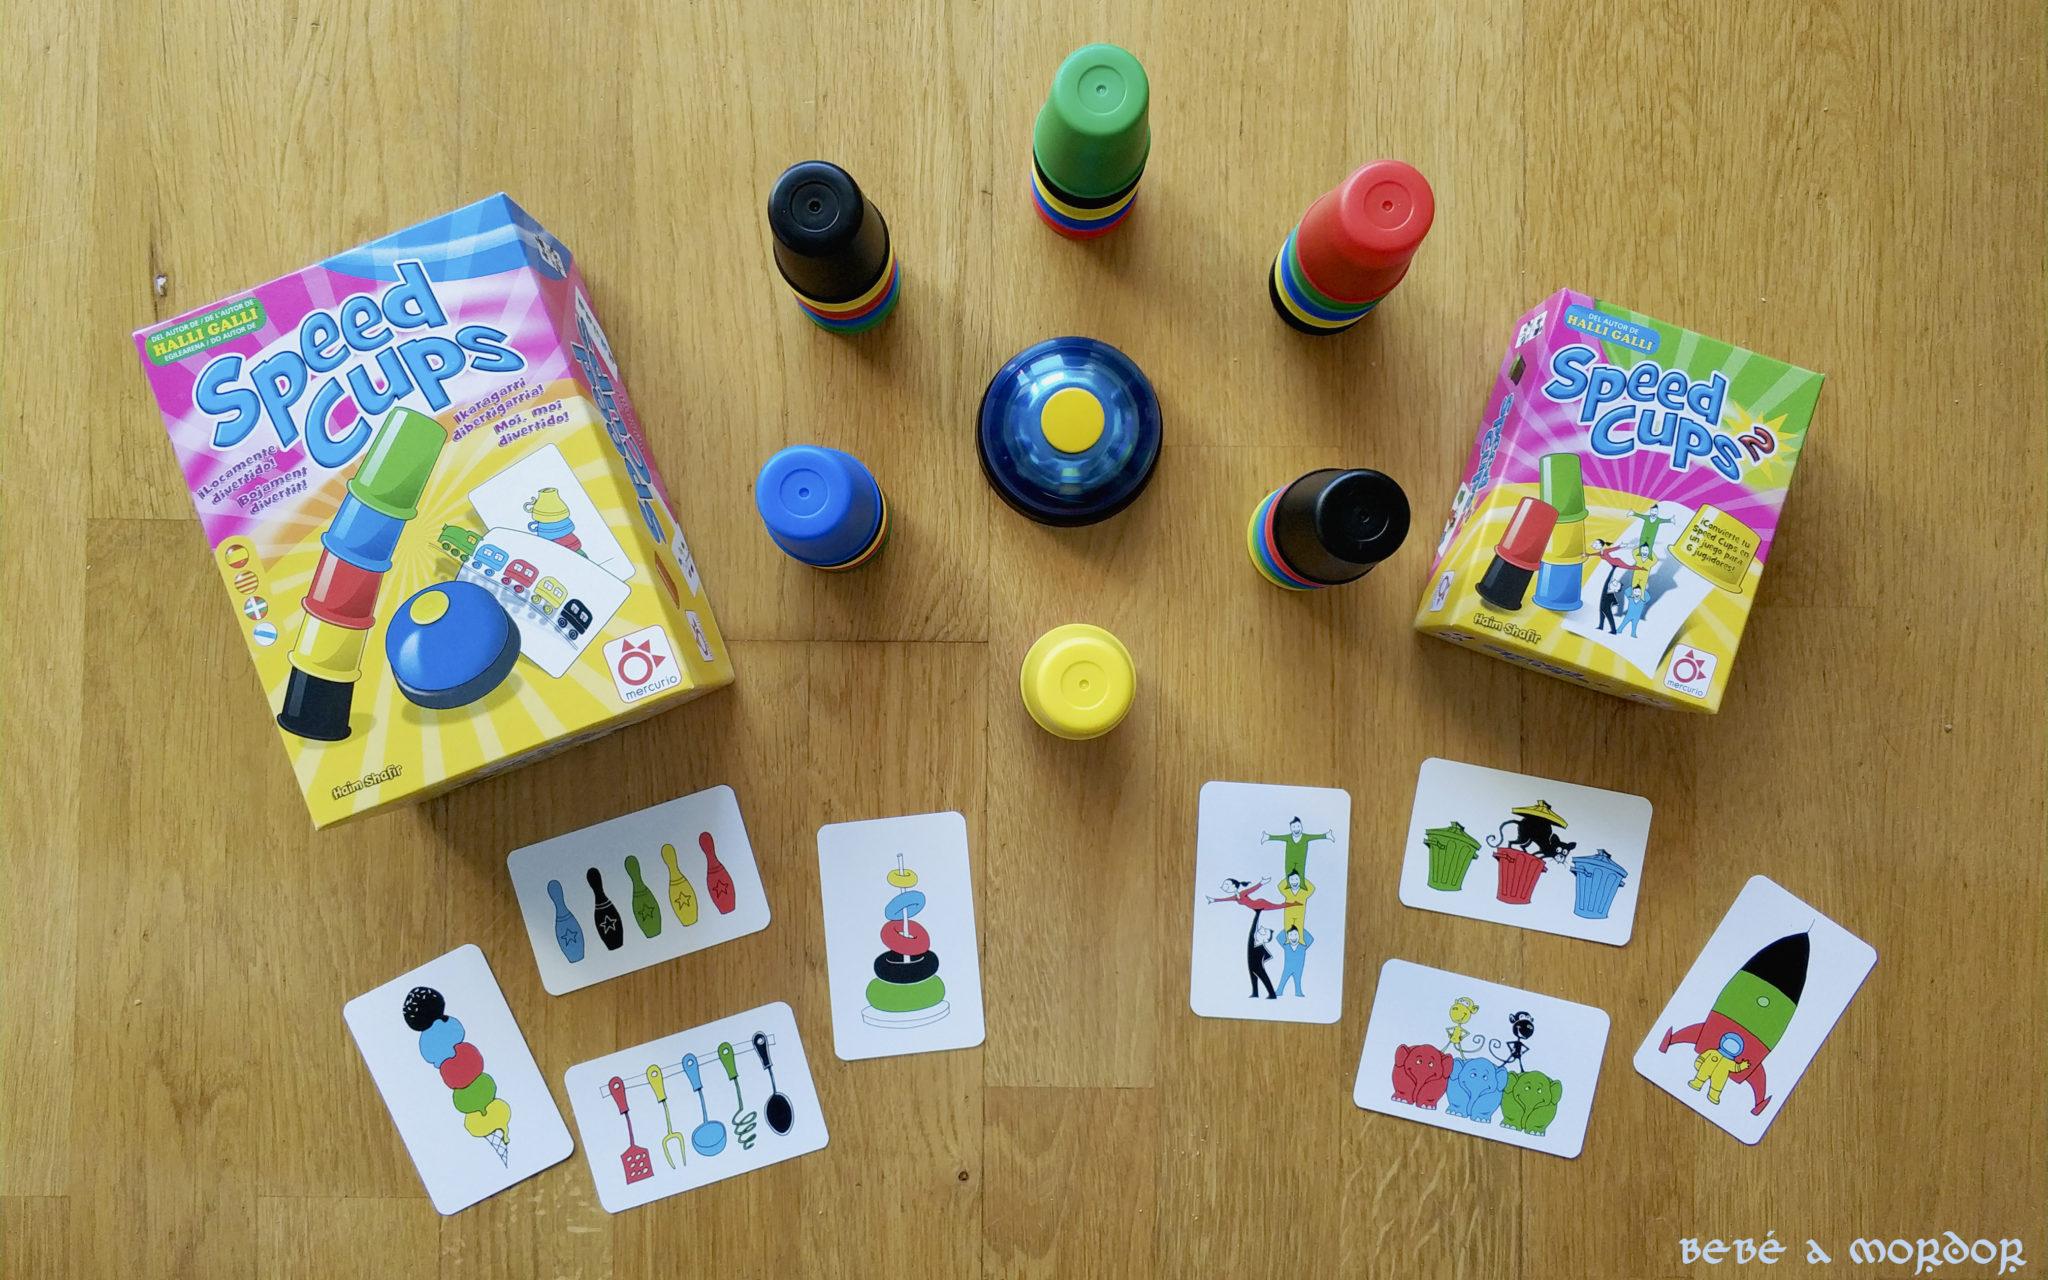 Speed Cups y Speed Cups 2 juegos de mesa Mercurio